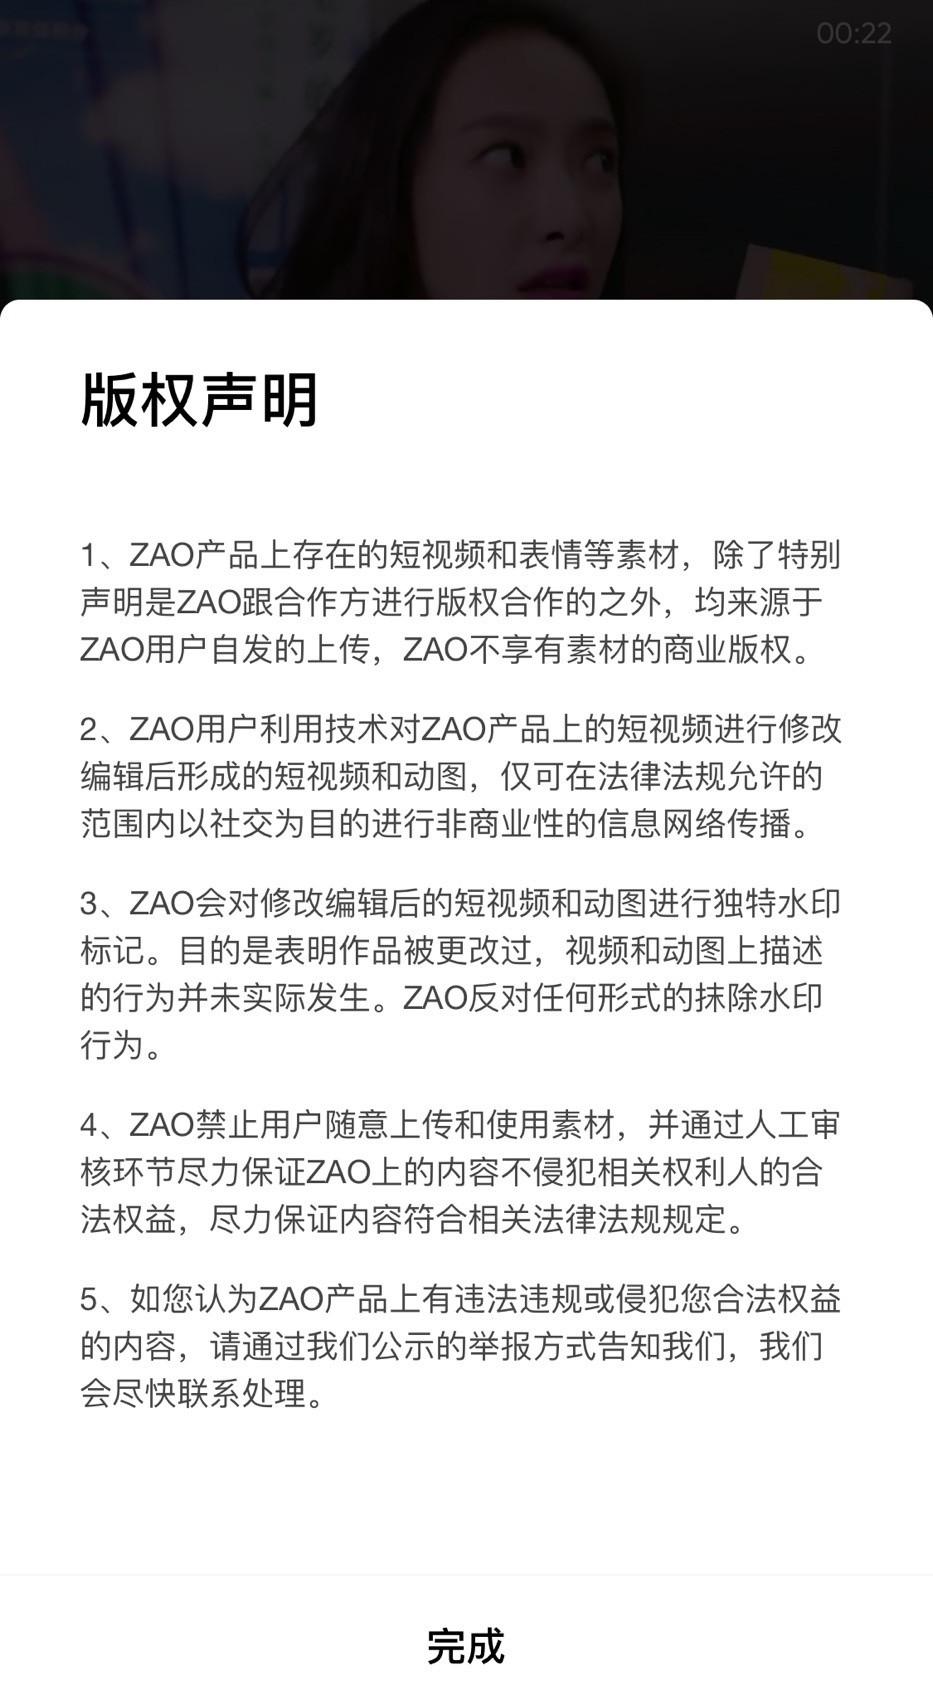 换脸ZAO不靠谱的用户协议,肖像、版权暗藏大坑!-招牌用版权登记好吗?